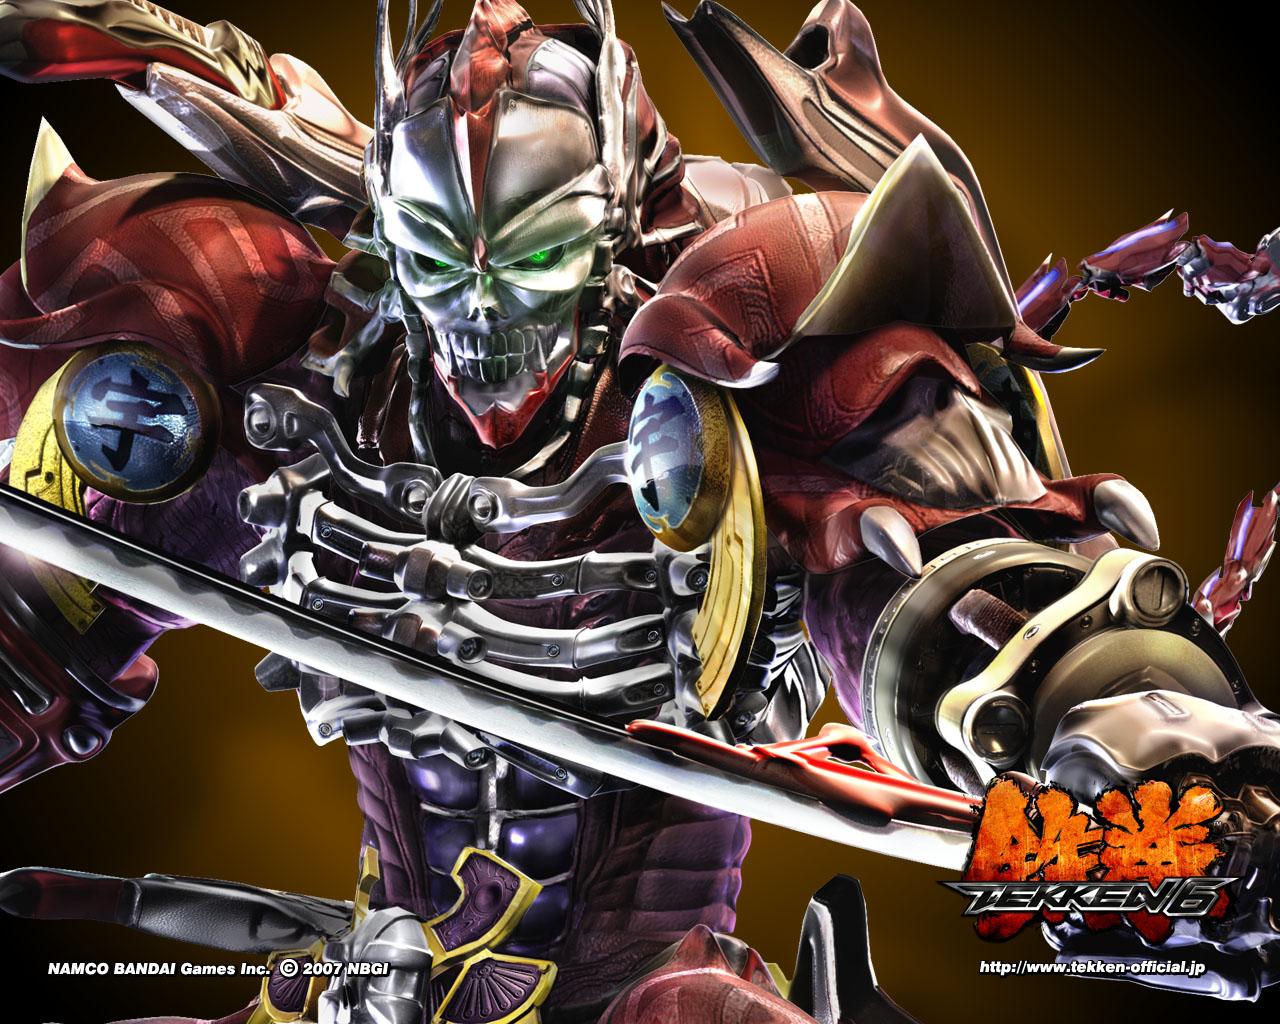 Yoshimitsu Tekken 6 Wallpaper 1280 1024